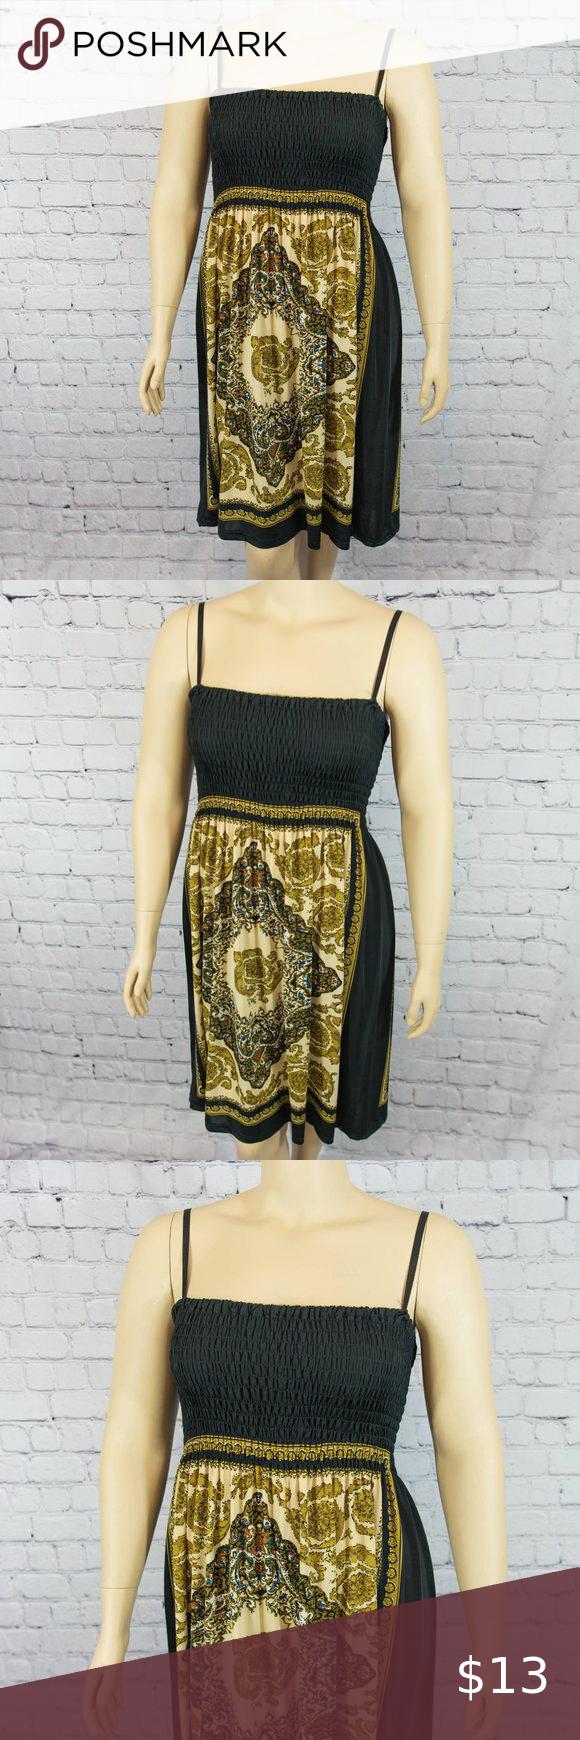 Relaxx Regal Print Summer Dress Printed Summer Dresses Summer Dresses Dresses [ 1740 x 580 Pixel ]